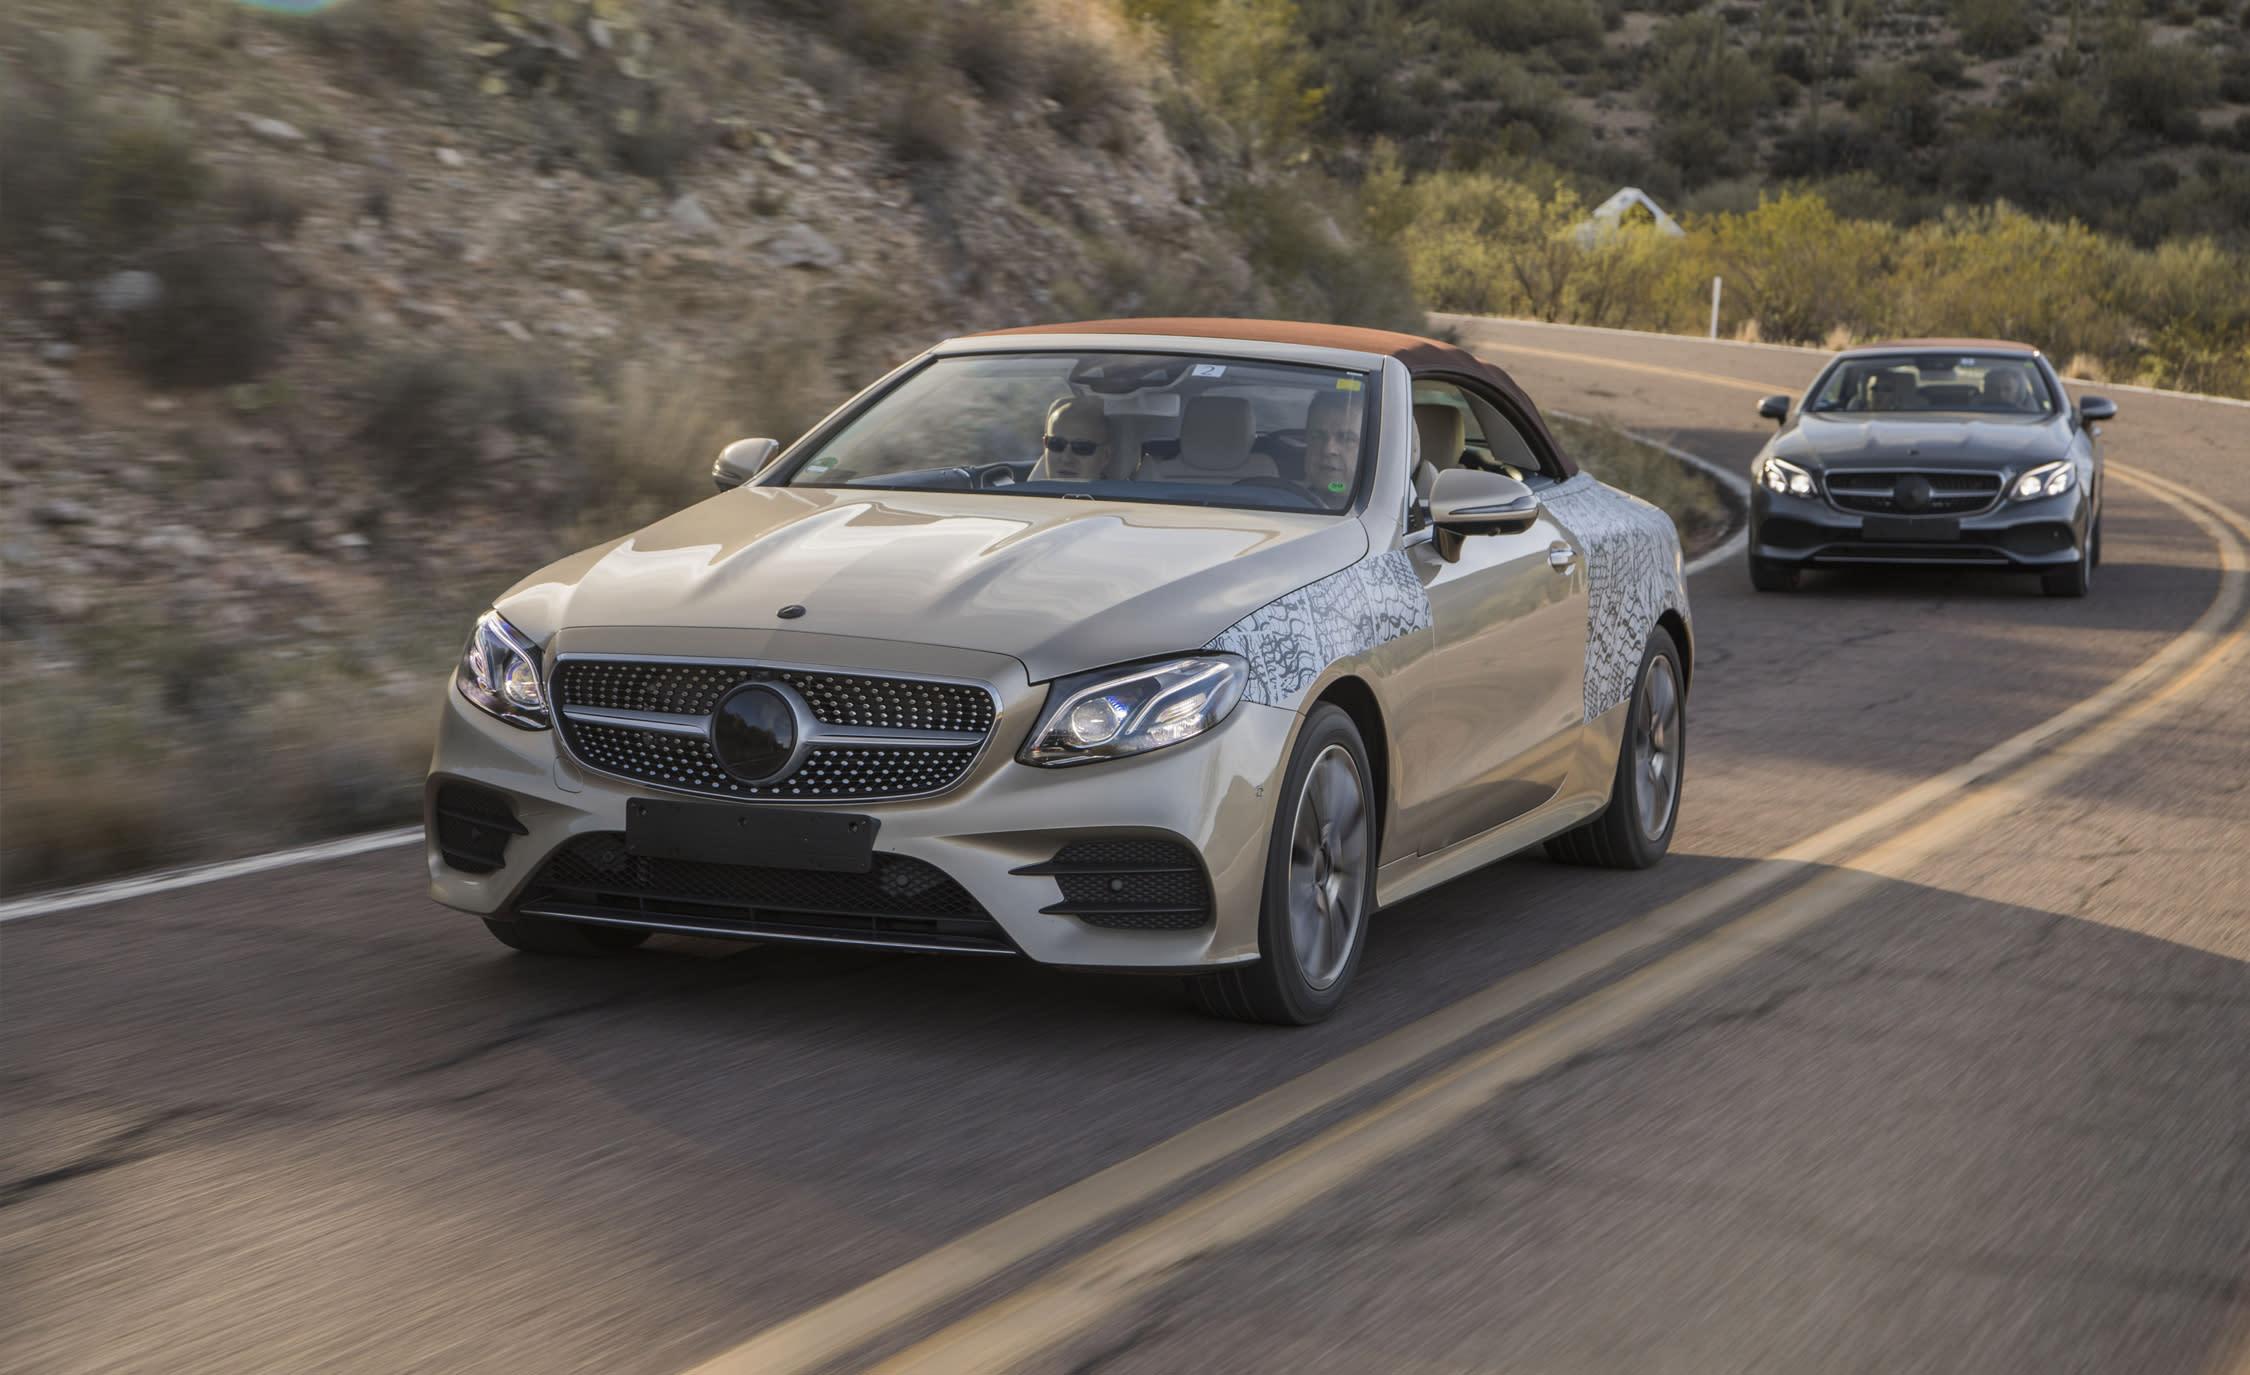 2018 MercedesBenz Eclass Cabriolet